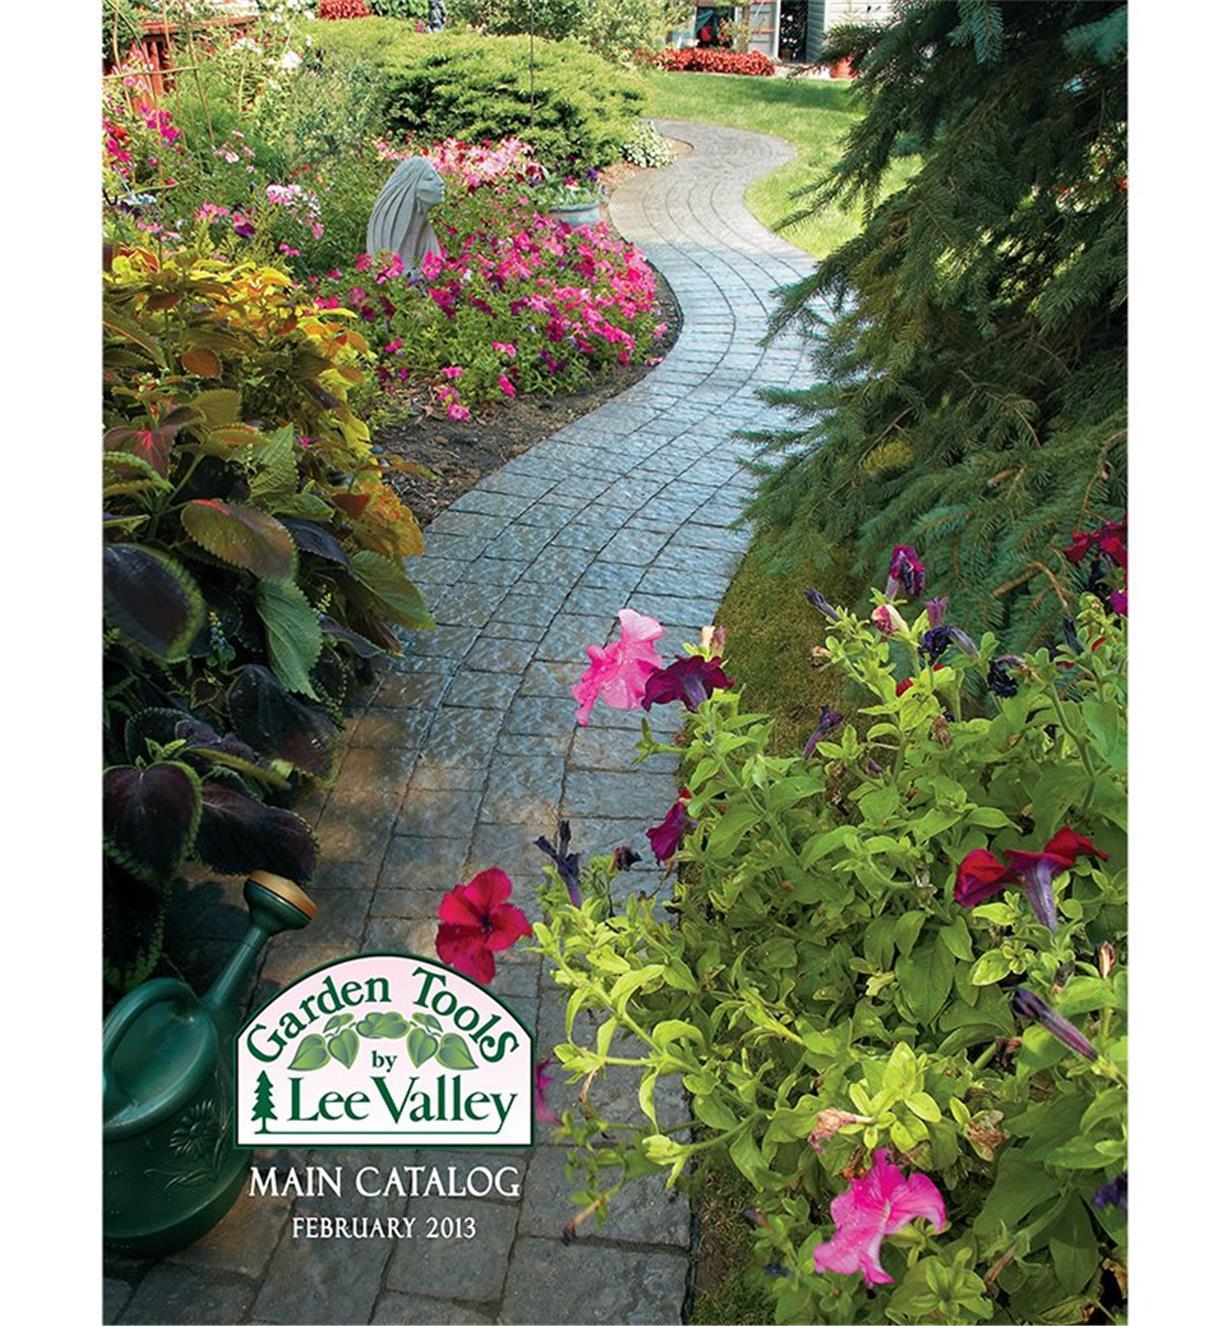 CG0213 - Garden Tools Main Catalog, February 2013, Canada